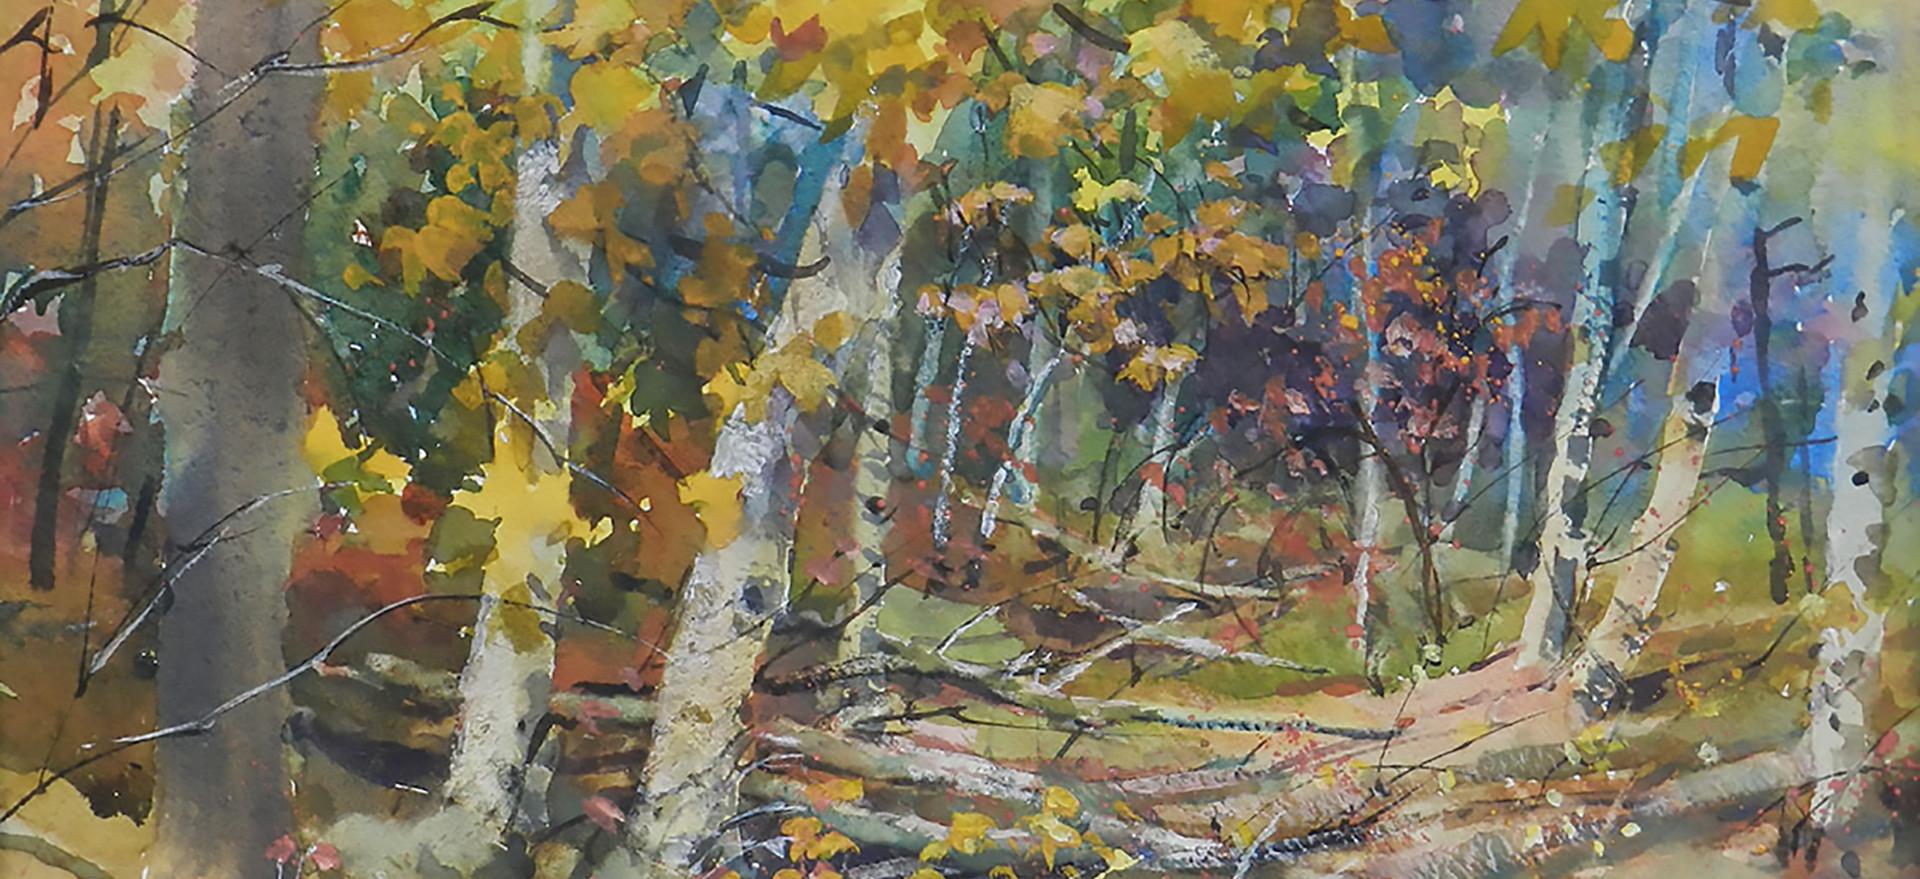 4. Autumn Birch